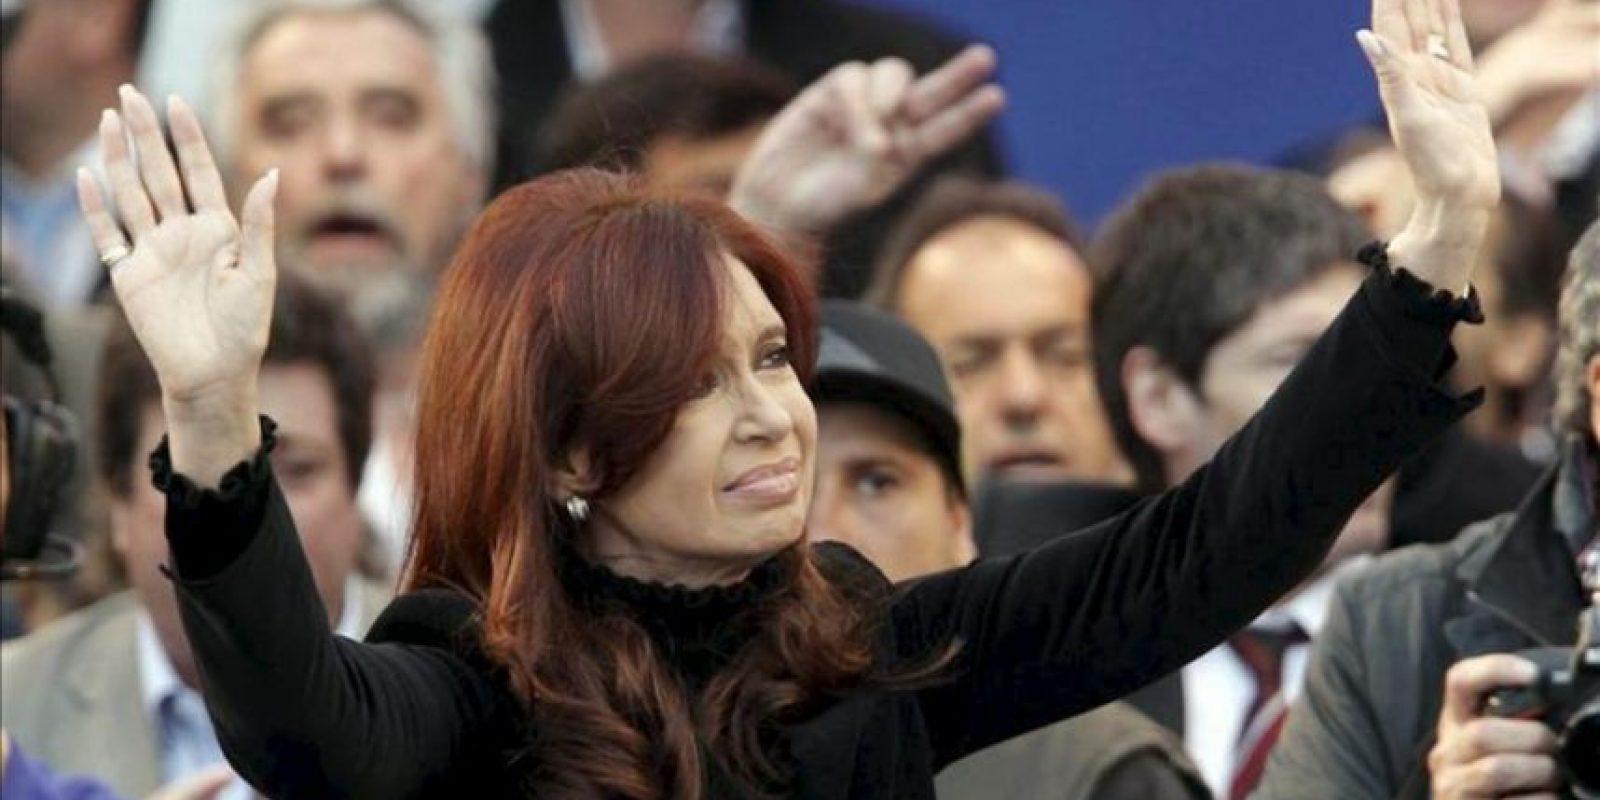 La presidenta de Argentina, Cristina Fernández de Kirchner, saluda a sus seguidores durante un acto multitudinario en el estadio de Vélez Sarsfield, en Buenos Aires (Argentina). EFE